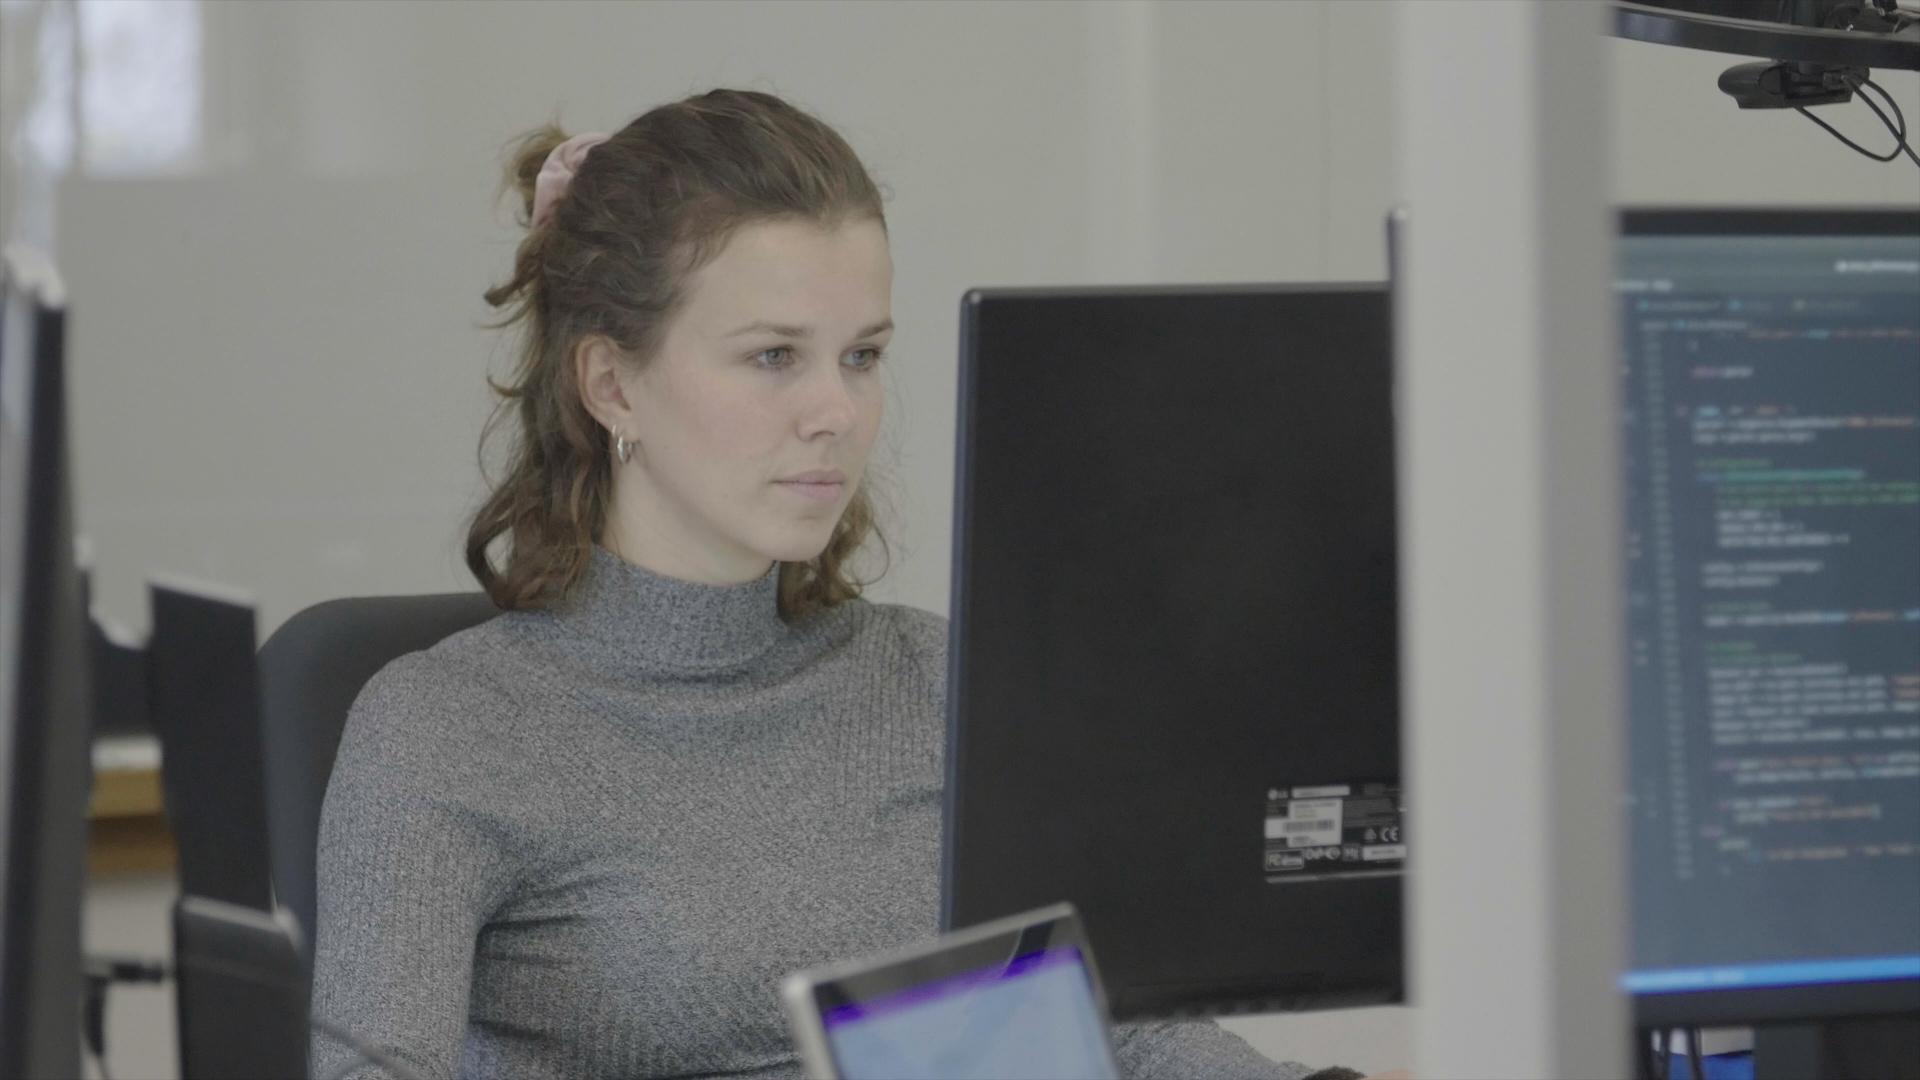 Eine Mitarbeiterin von auvisus bei der Entwicklung der autonomen Speisenerkennung durch den visioncheckout